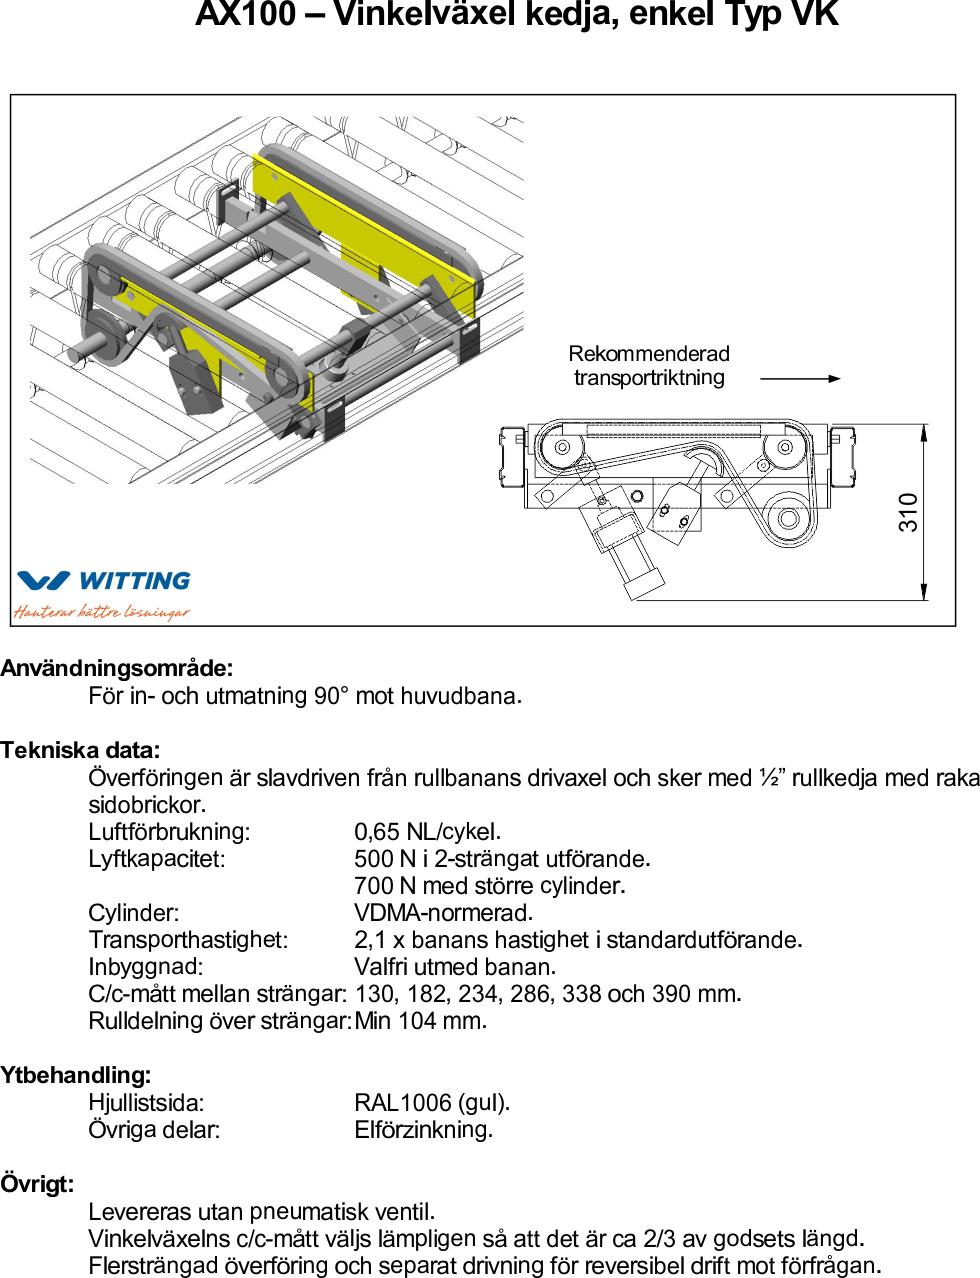 AX100 – Vinkelväxel kedja, enkel Typ VK